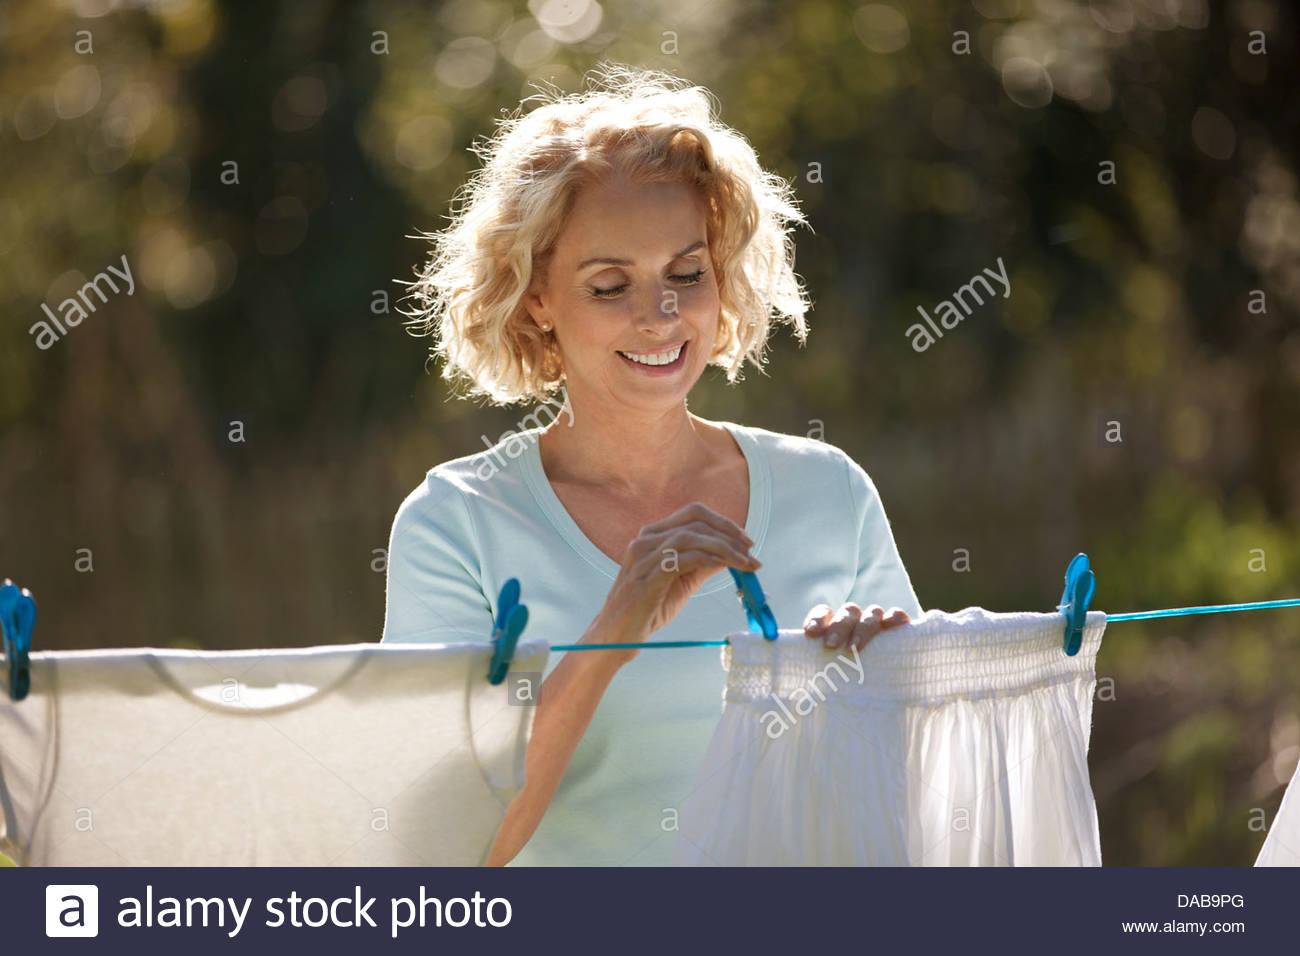 Una donna matura ancoraggio fuori lavaggio su una linea di lavaggio, sorridente Immagini Stock